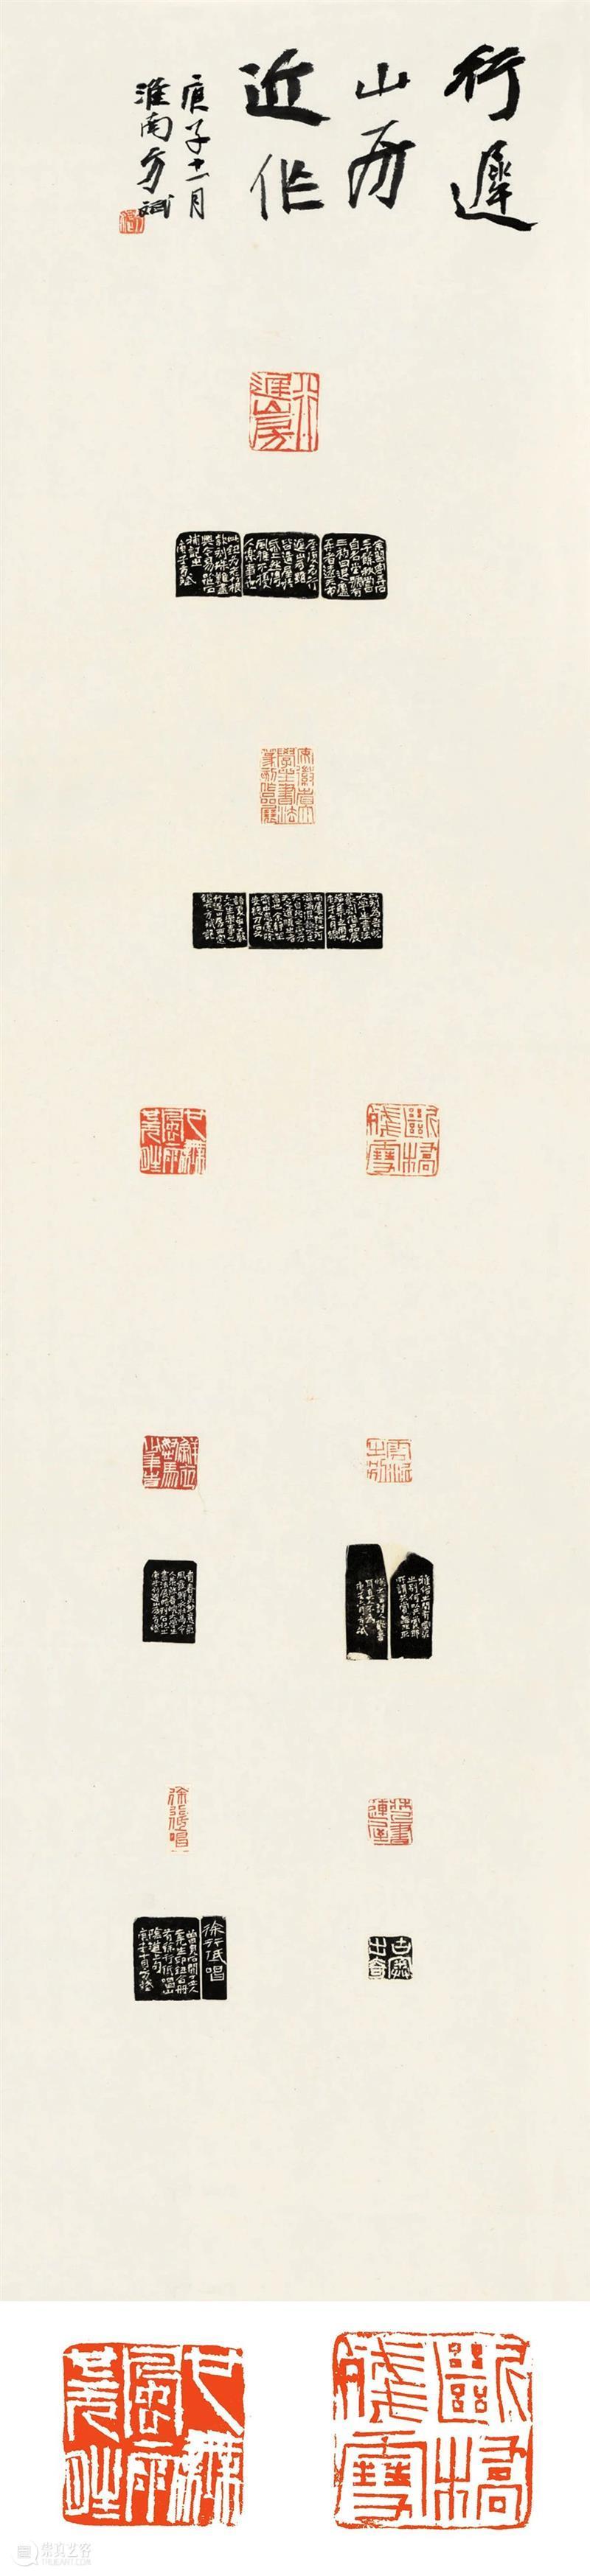 """【爱社如家】""""西泠皖风""""西泠印社安徽籍社员作品展欣赏(二) 西泠印社 社员 爱社 如家 西泠皖风 安徽 作品展 编者按 文物 其中 崇真艺客"""